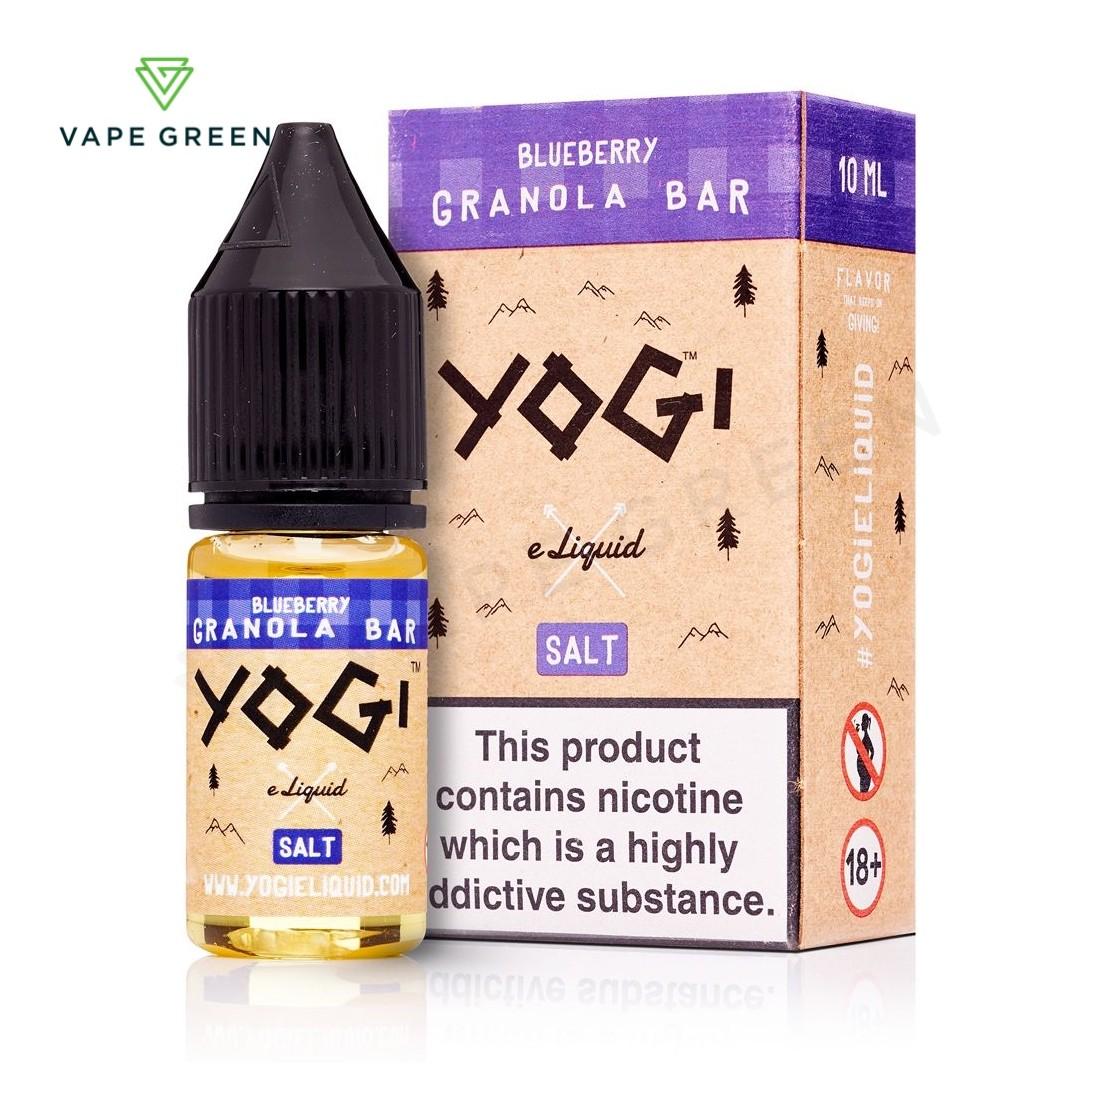 Blueberry Granola Bar E-Liquid by Yogi Salt